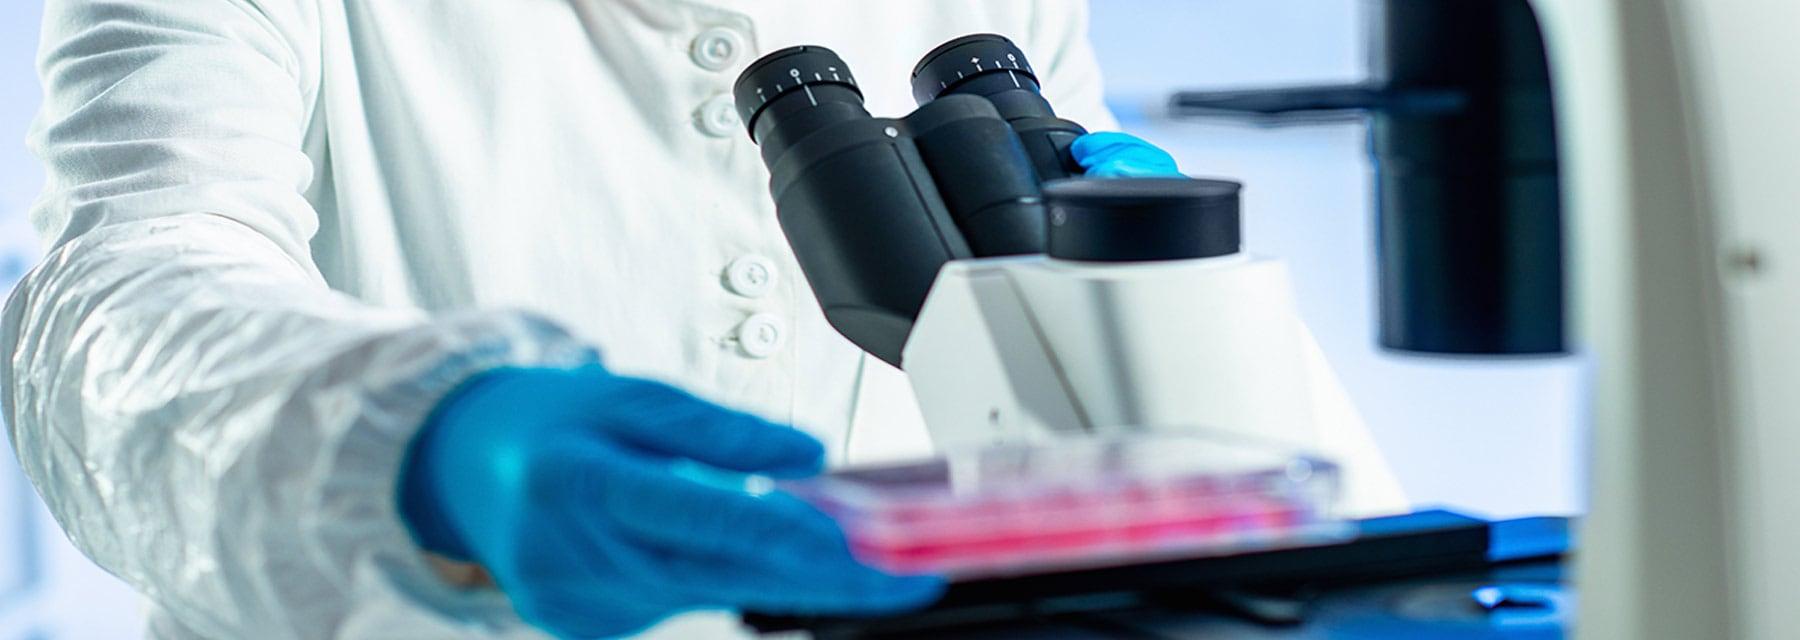 asignaturas de Biología Molecular